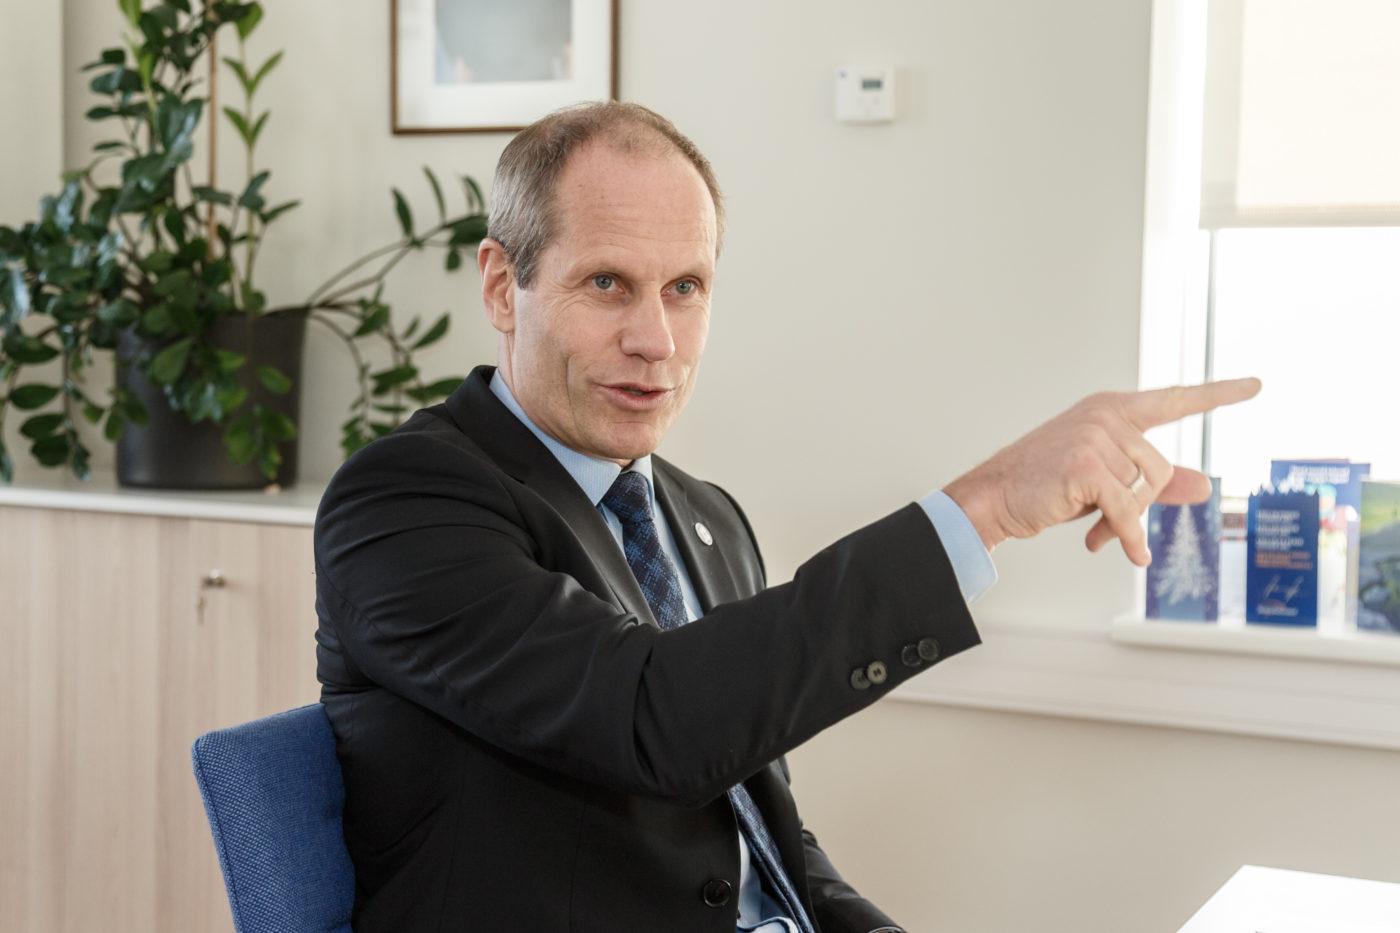 Euroopa Parlamendi erikomitee külastas Eestis rahapesu tõkestavaid asutusi